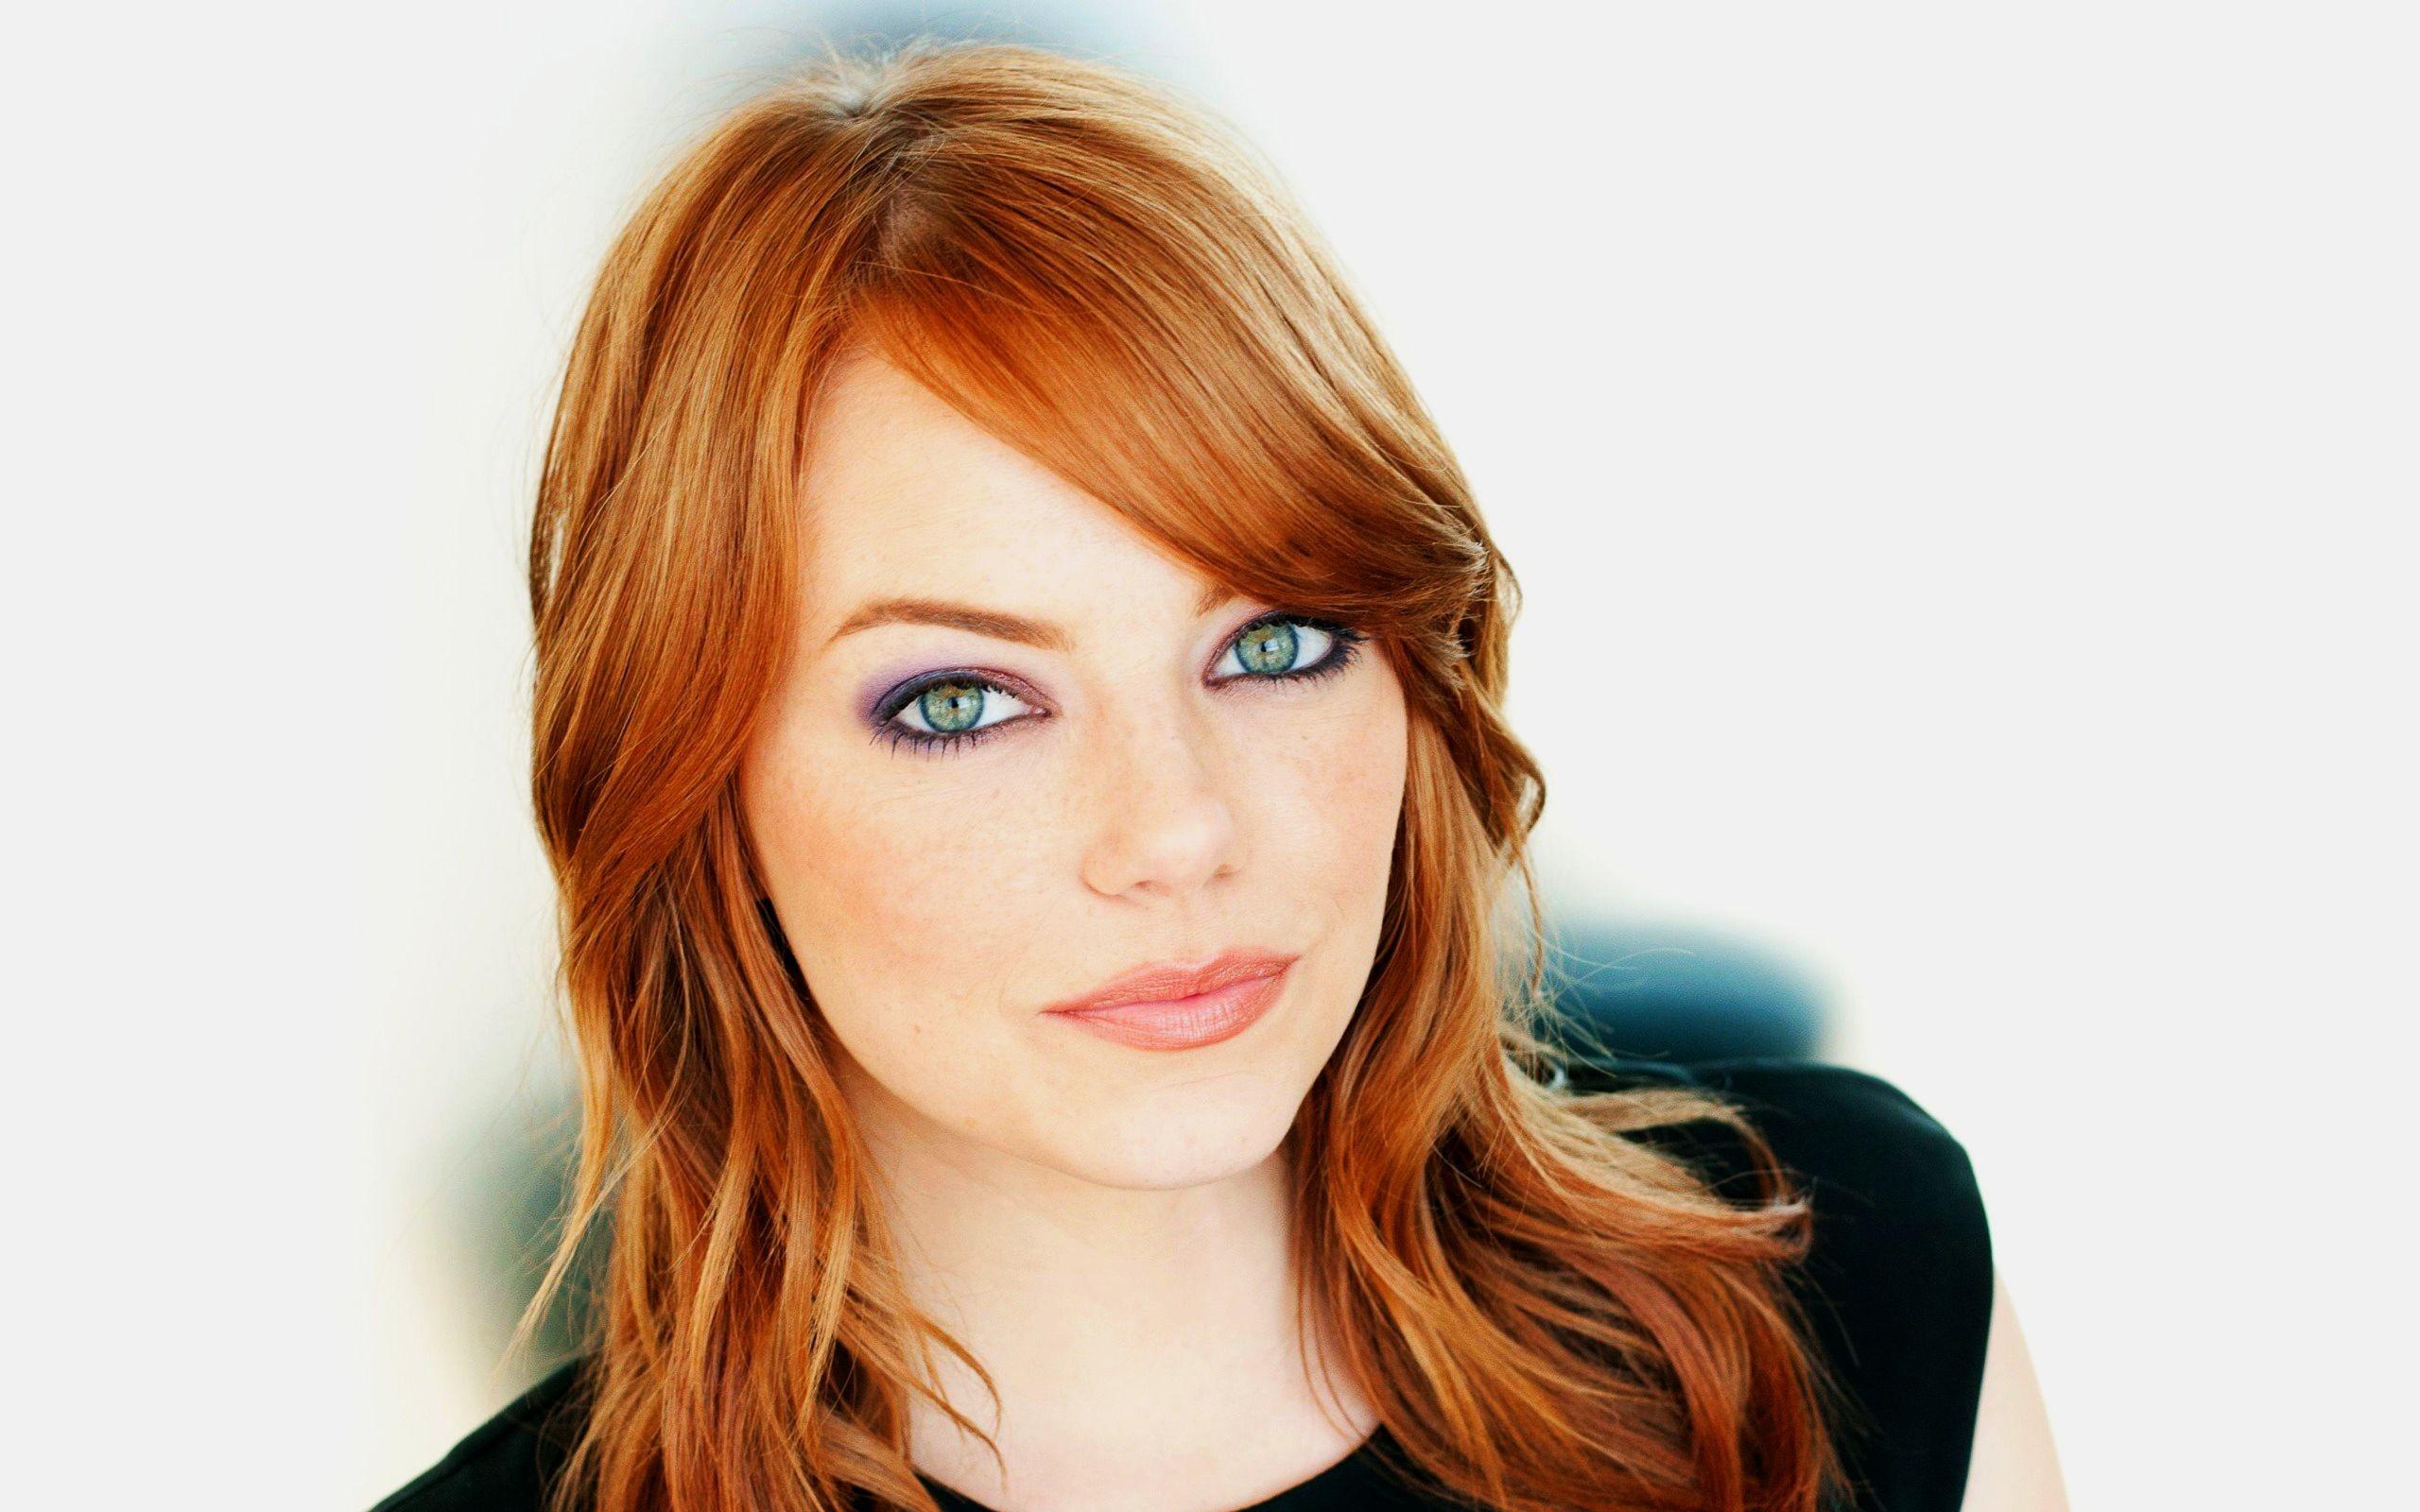 Стрижка и цвет волос для серых глаз и светлой кожи фото